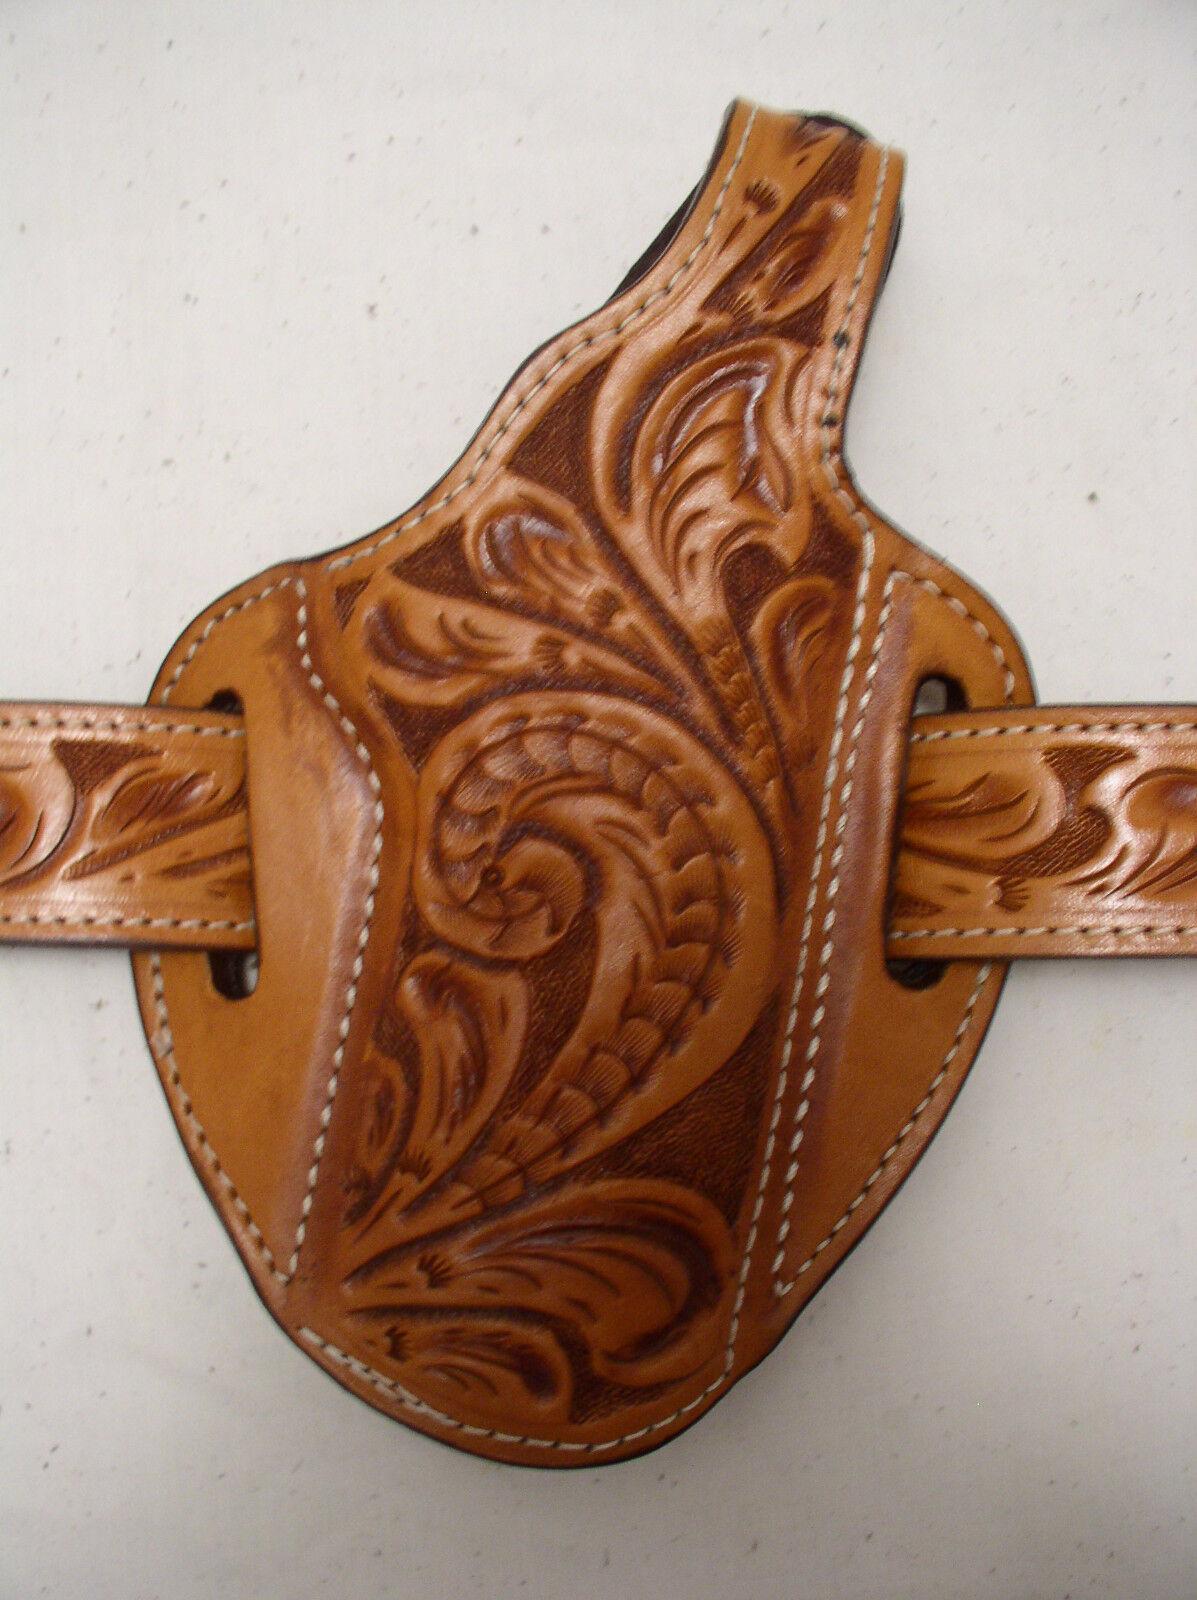 5 Kimber Colt 45 Government 1911 45 Colt Leder Gun Handgun Carry Belt Holster a6aa34